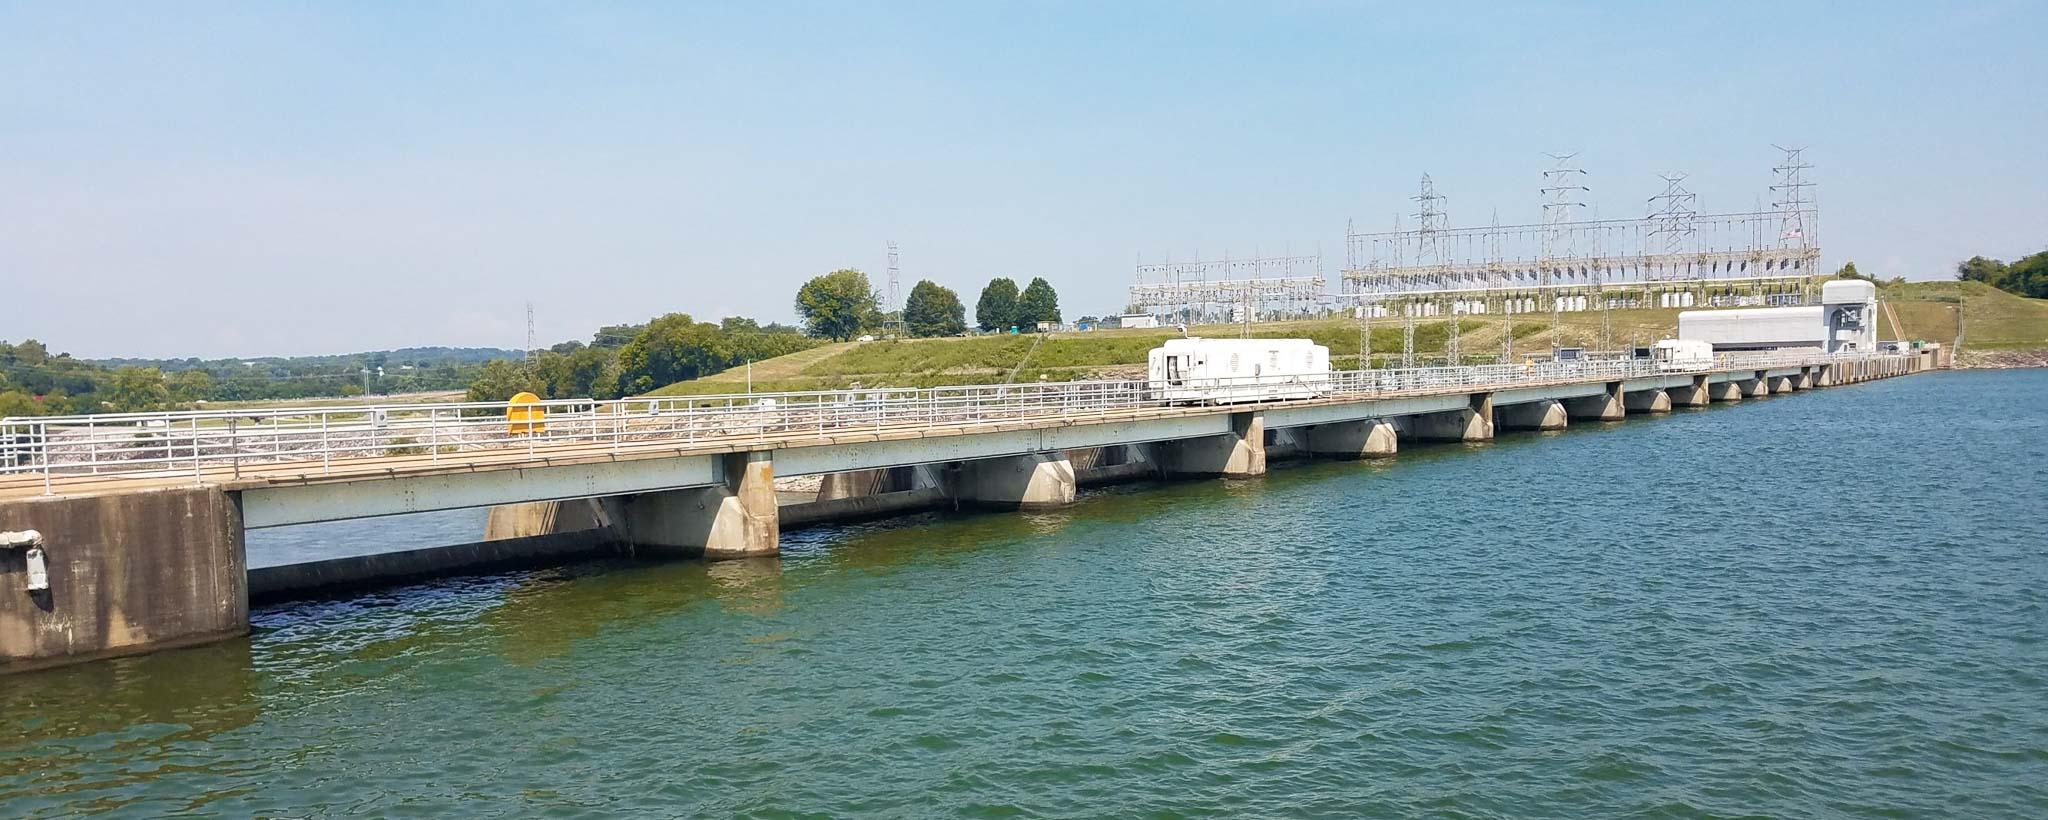 Fort Loudoun Reservoir